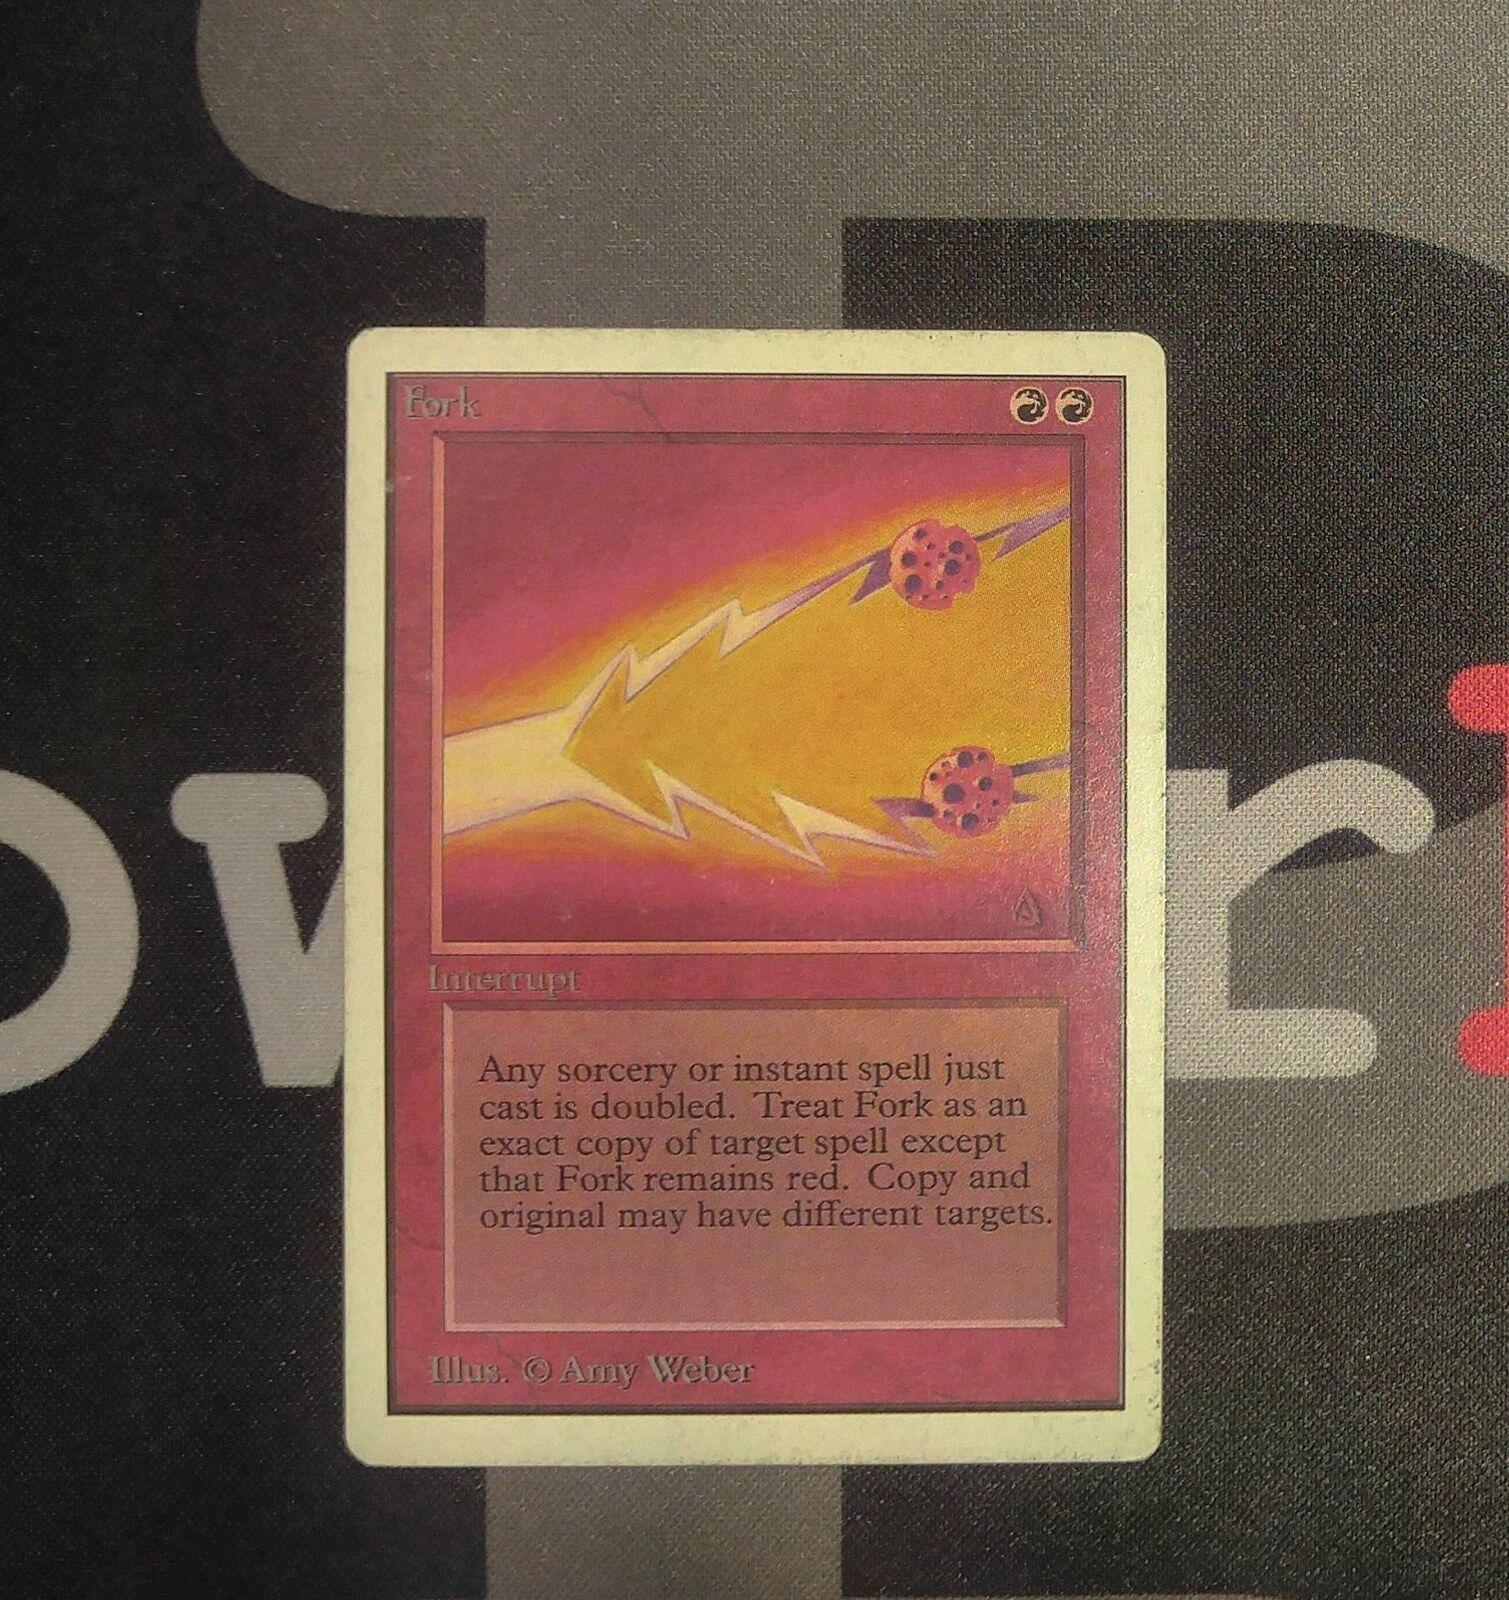 1 - gabel - unbegrenzte mtg magie rote seltene alte schule 93   94